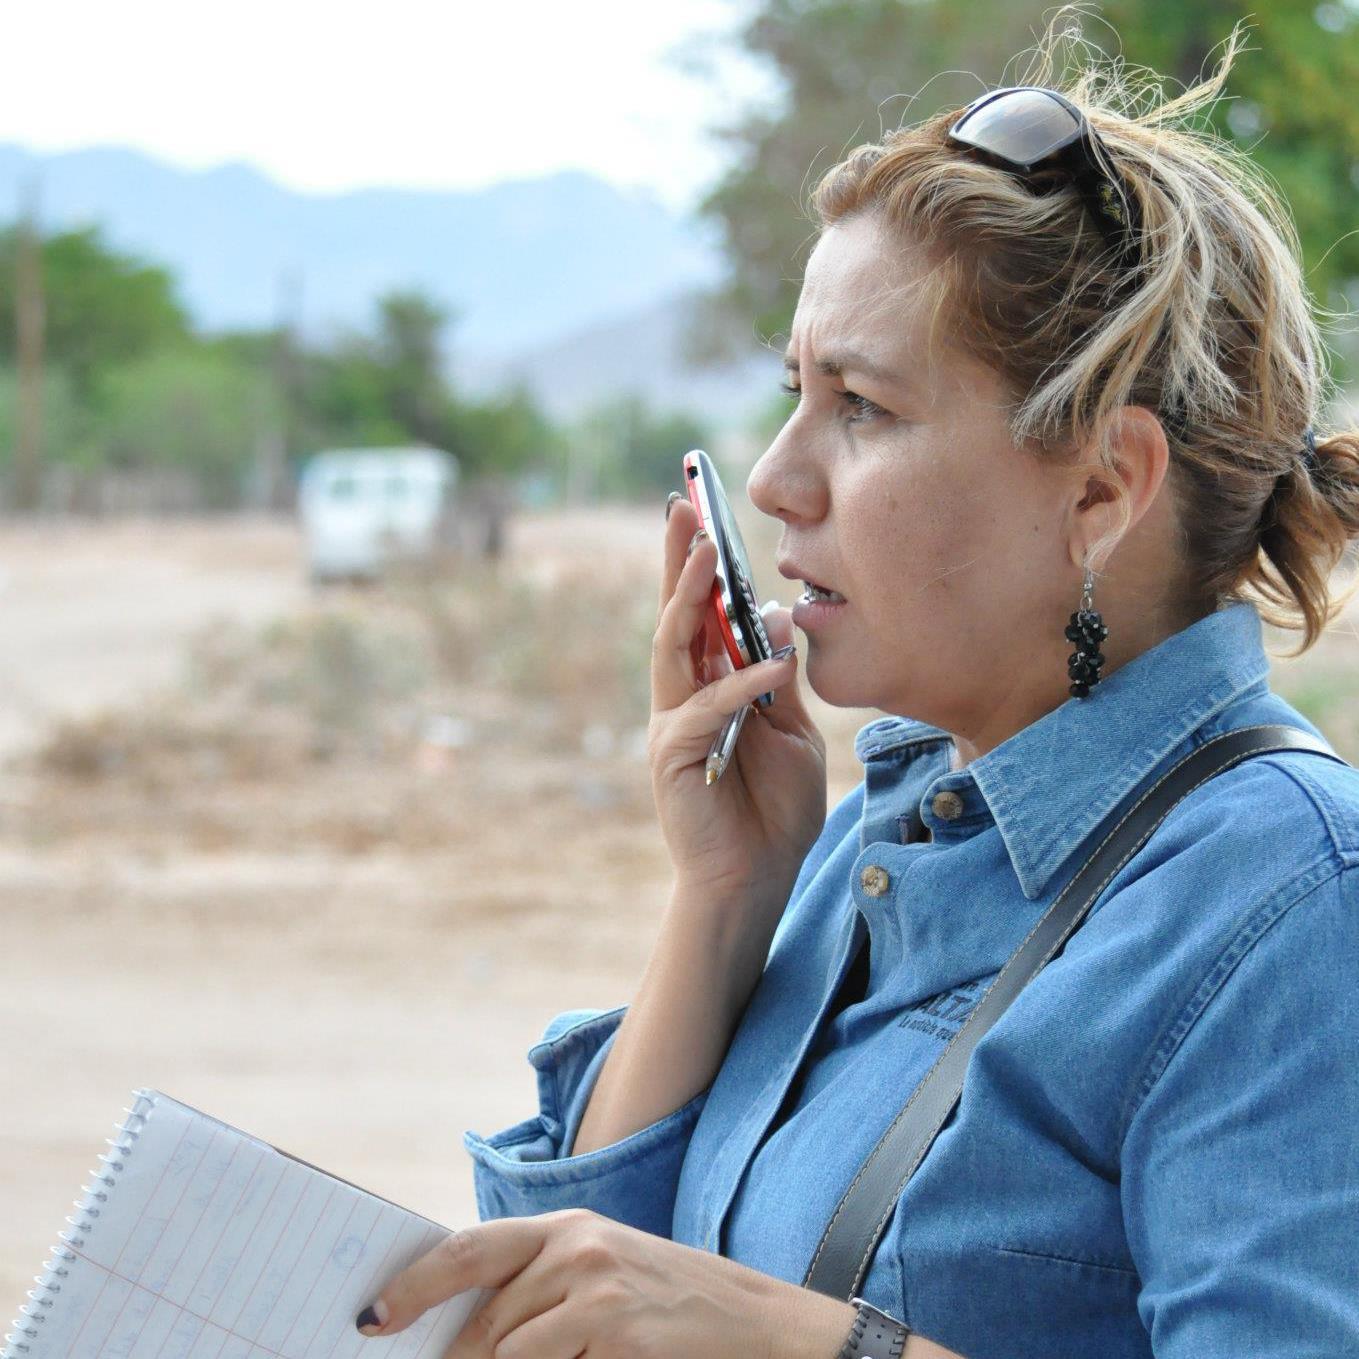 Mexicana Dulcina Parra entre periodistas 'Guardianes de la verdad' nombrados por la revista TIME